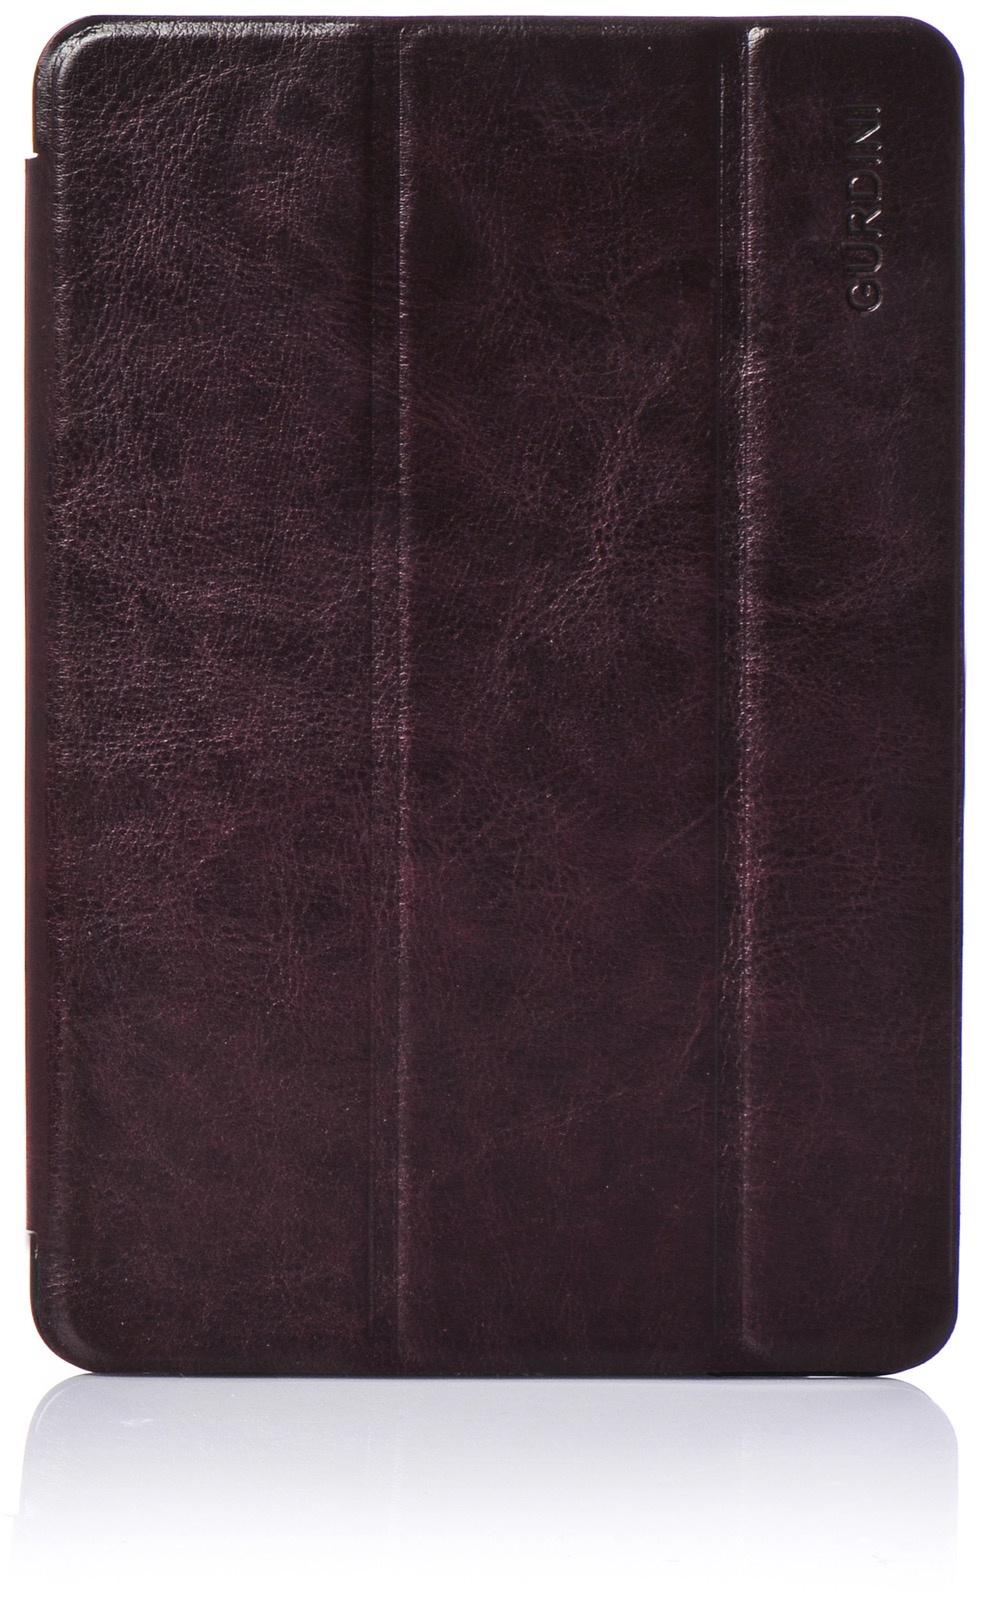 """Чехол для планшета Gurdini кожа для Apple iPad mini 1/2/3 7.9"""", темно-коричневый"""